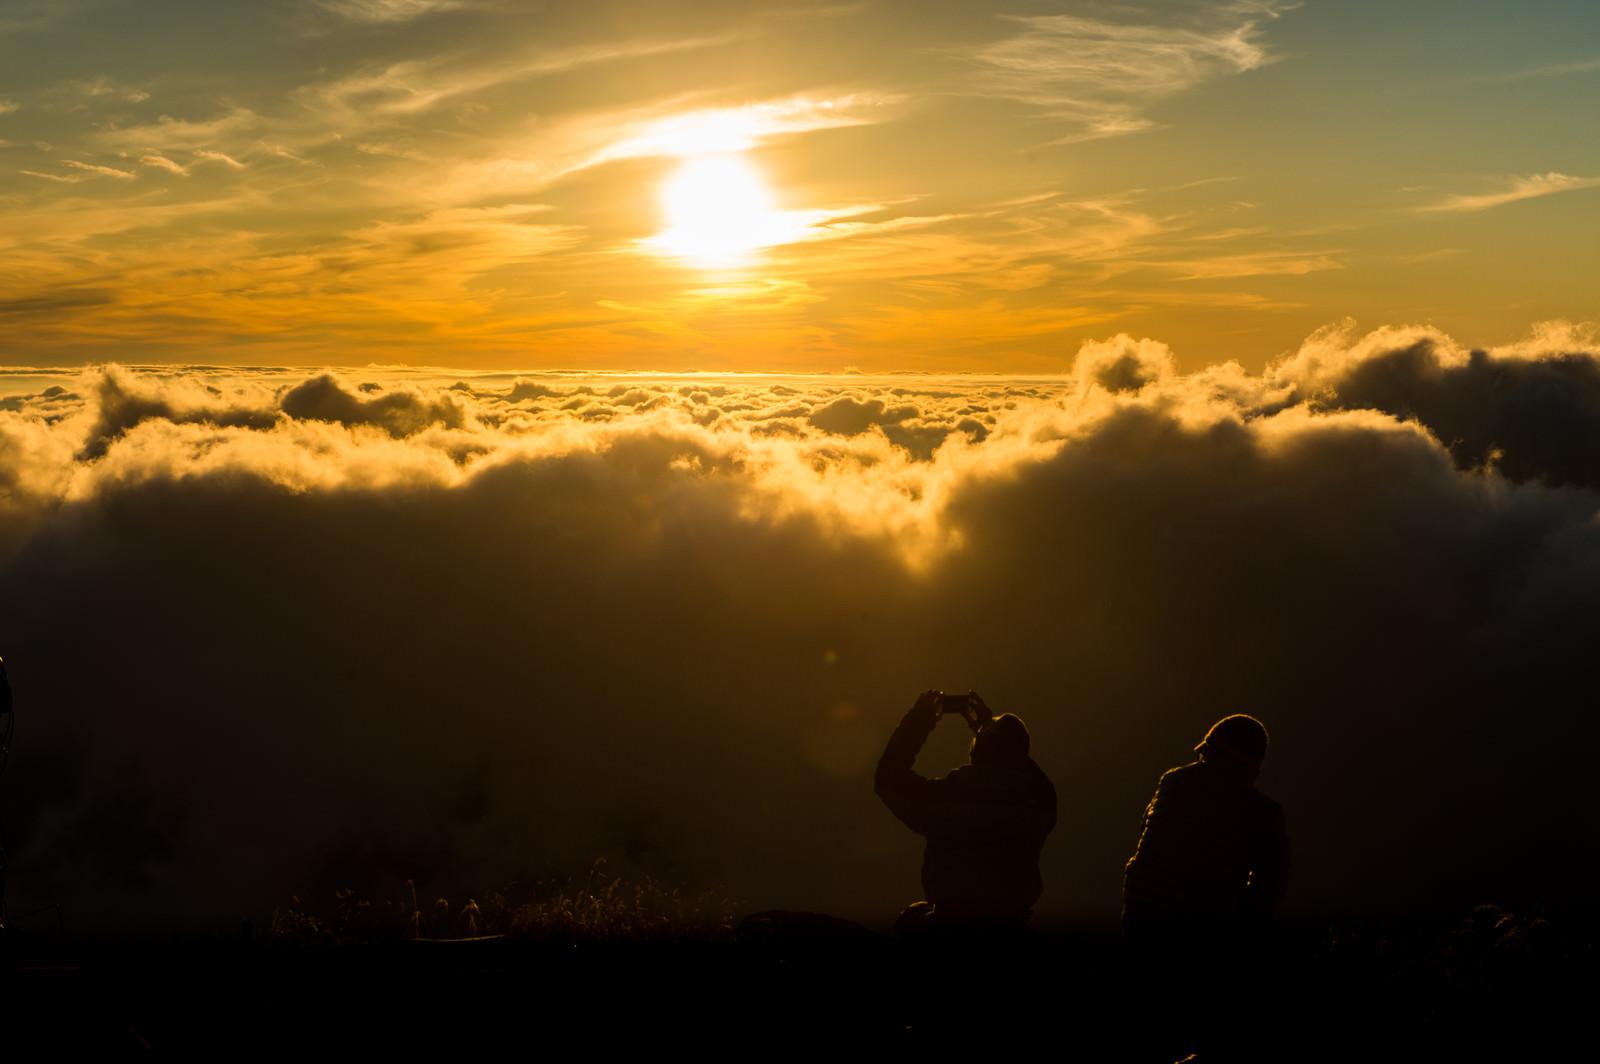 「夕暮れの雲海の絶景に感動するカップル」の写真